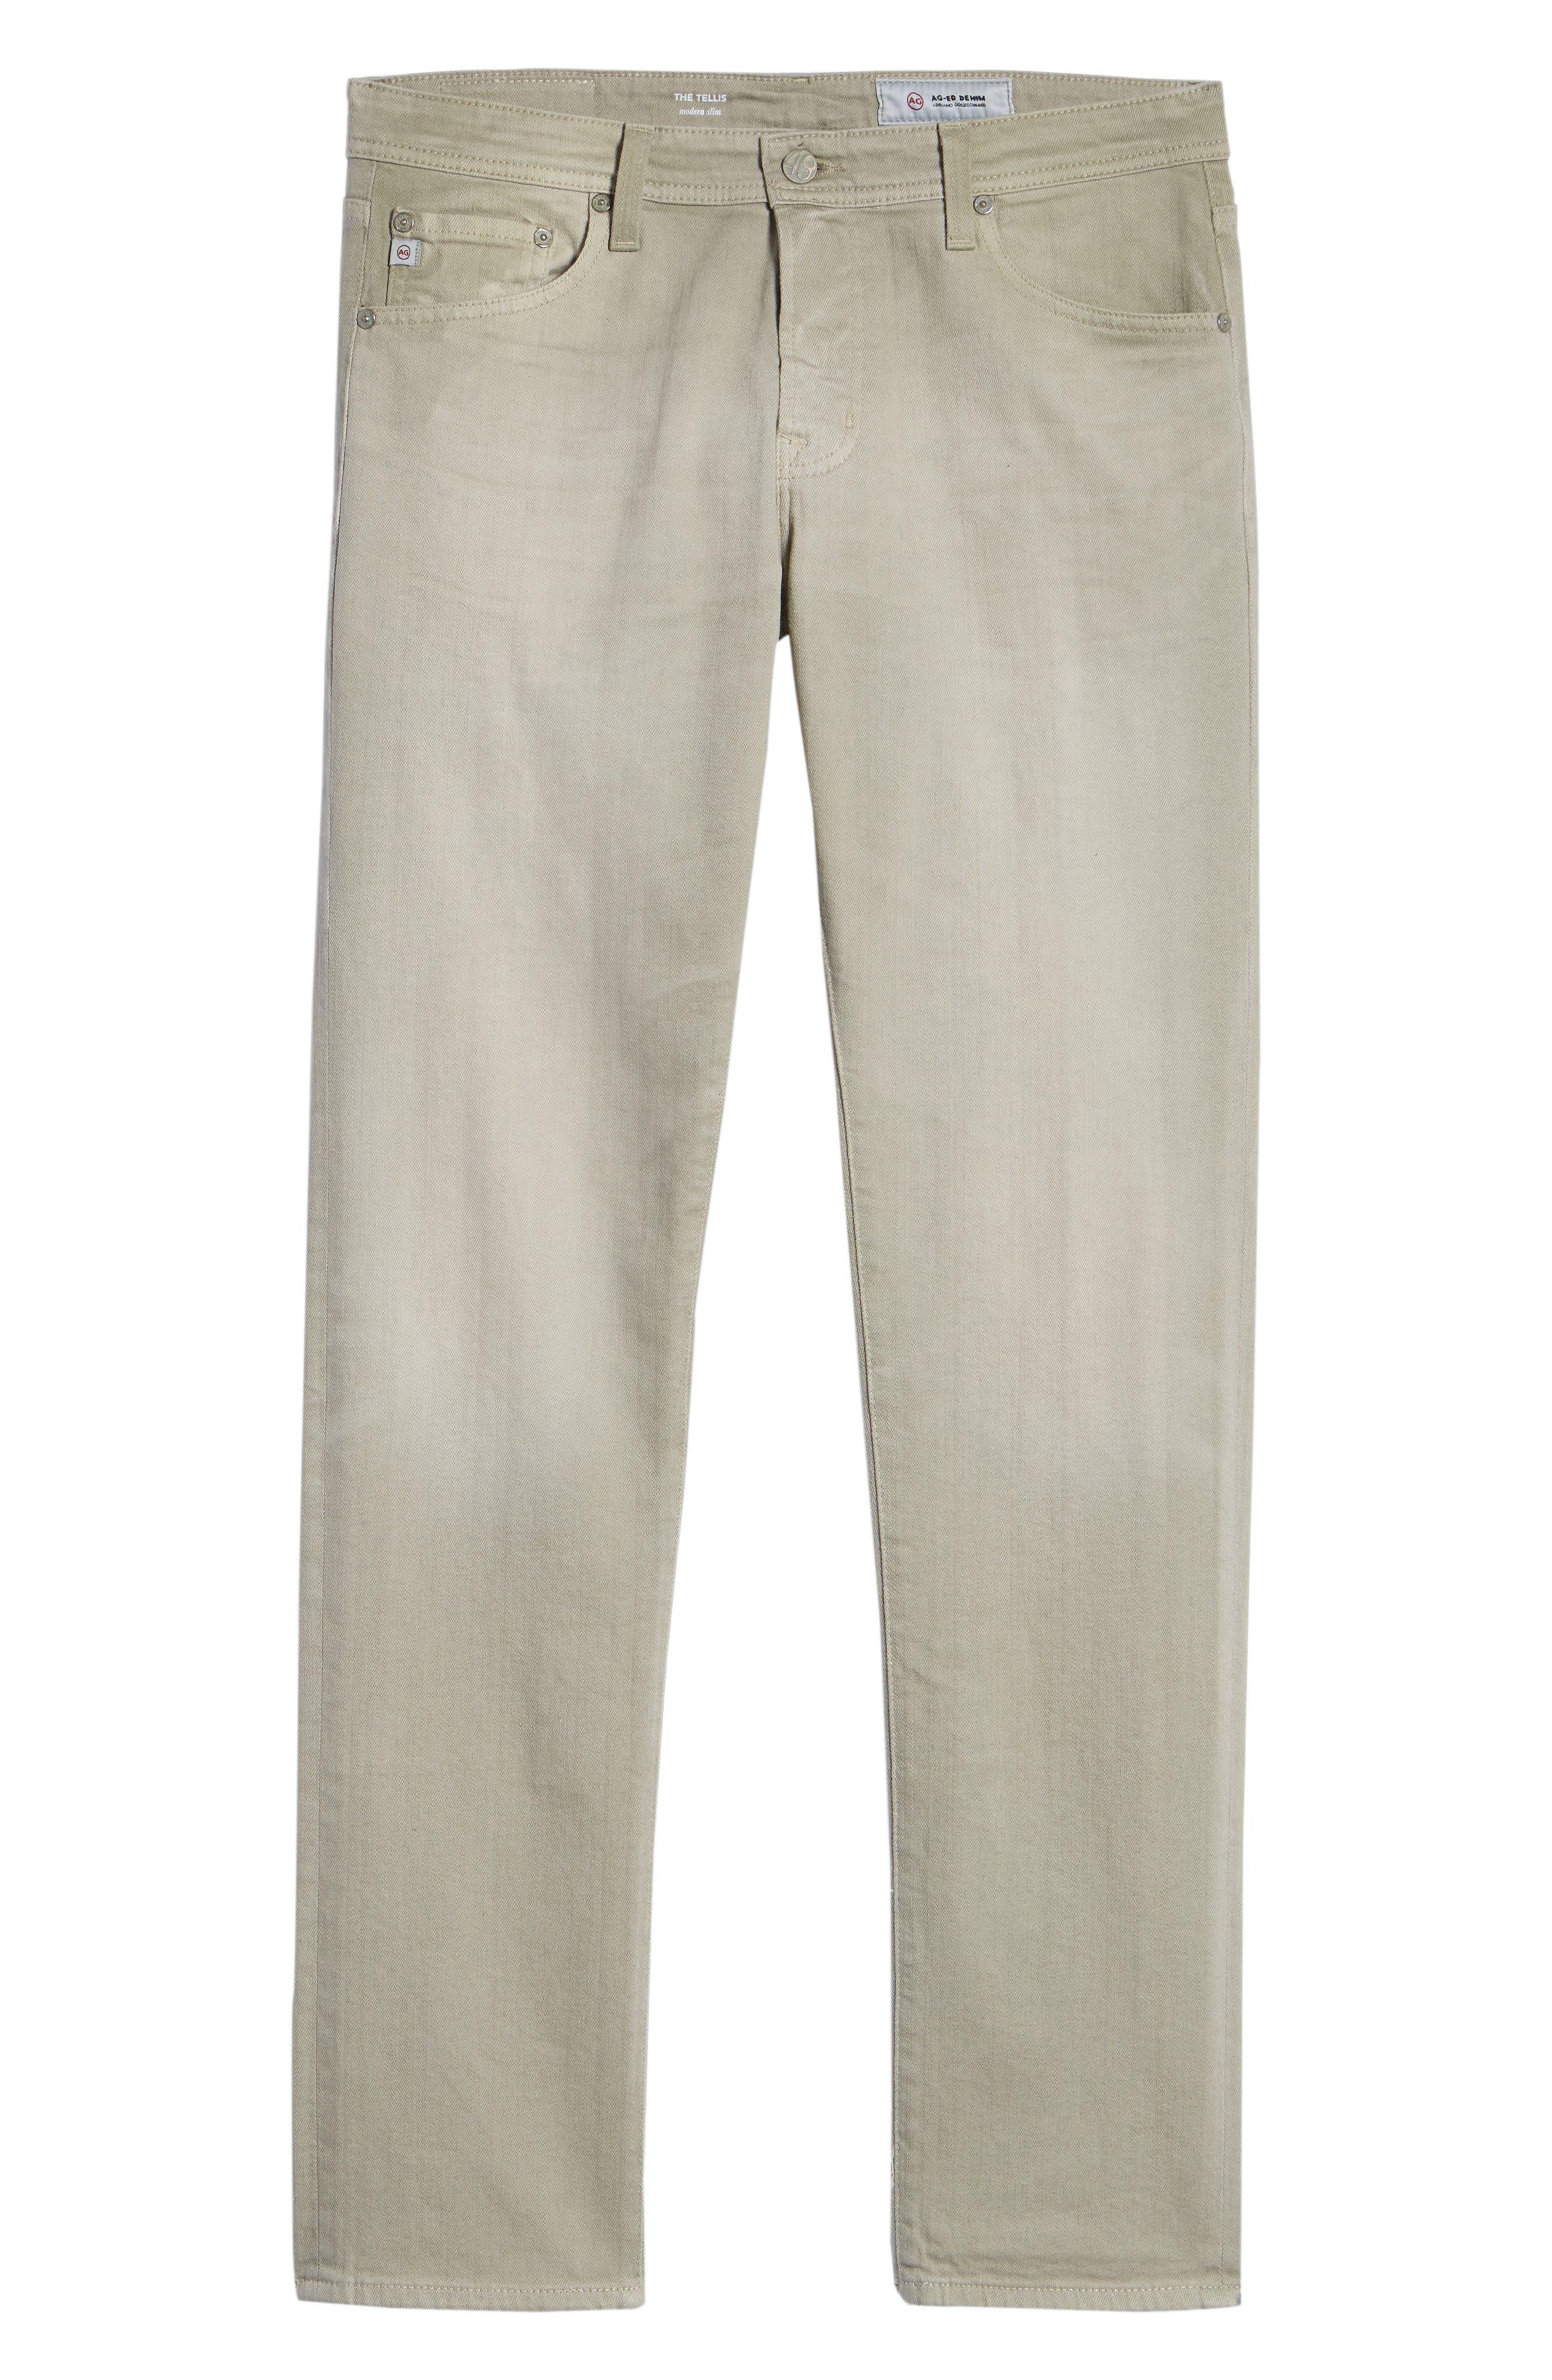 Tellis Slim Leg Twill Pants,                             Alternate thumbnail 6, color,                             268